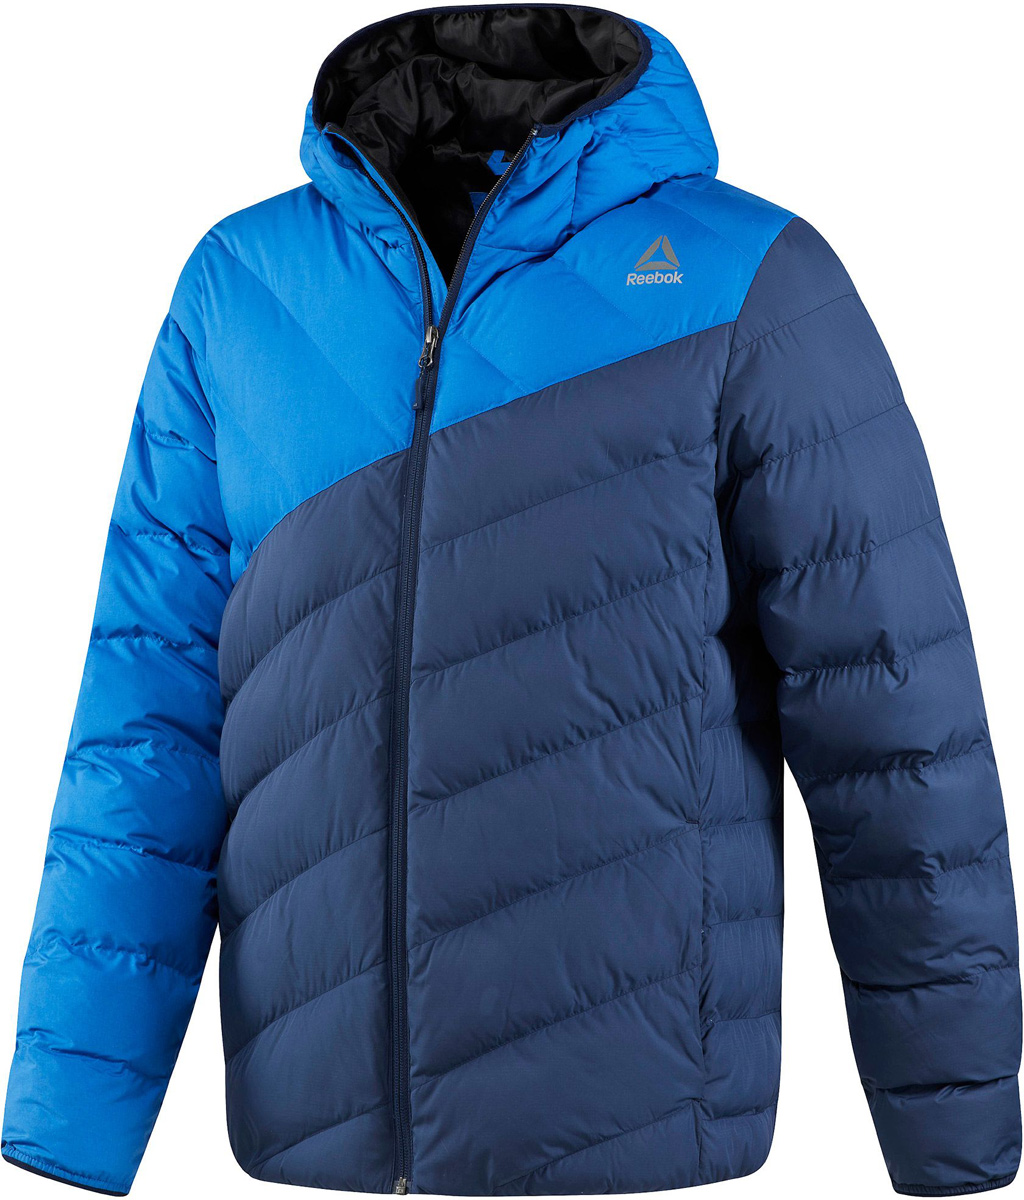 Куртка мужская Reebok Od Dwnlk Jckt, цвет: синий, голубой. BR0454. Размер S (44/46)BR0454Мужская стеганая куртка Reebok выполнена из полиэстера. В качестве подкладки и утеплителя используется полиэстер. Модель с несъемным капюшоном застегивается на застежку-молнию. Спереди расположено два прорезных кармана. Куртка дополнена логотипом бренда.